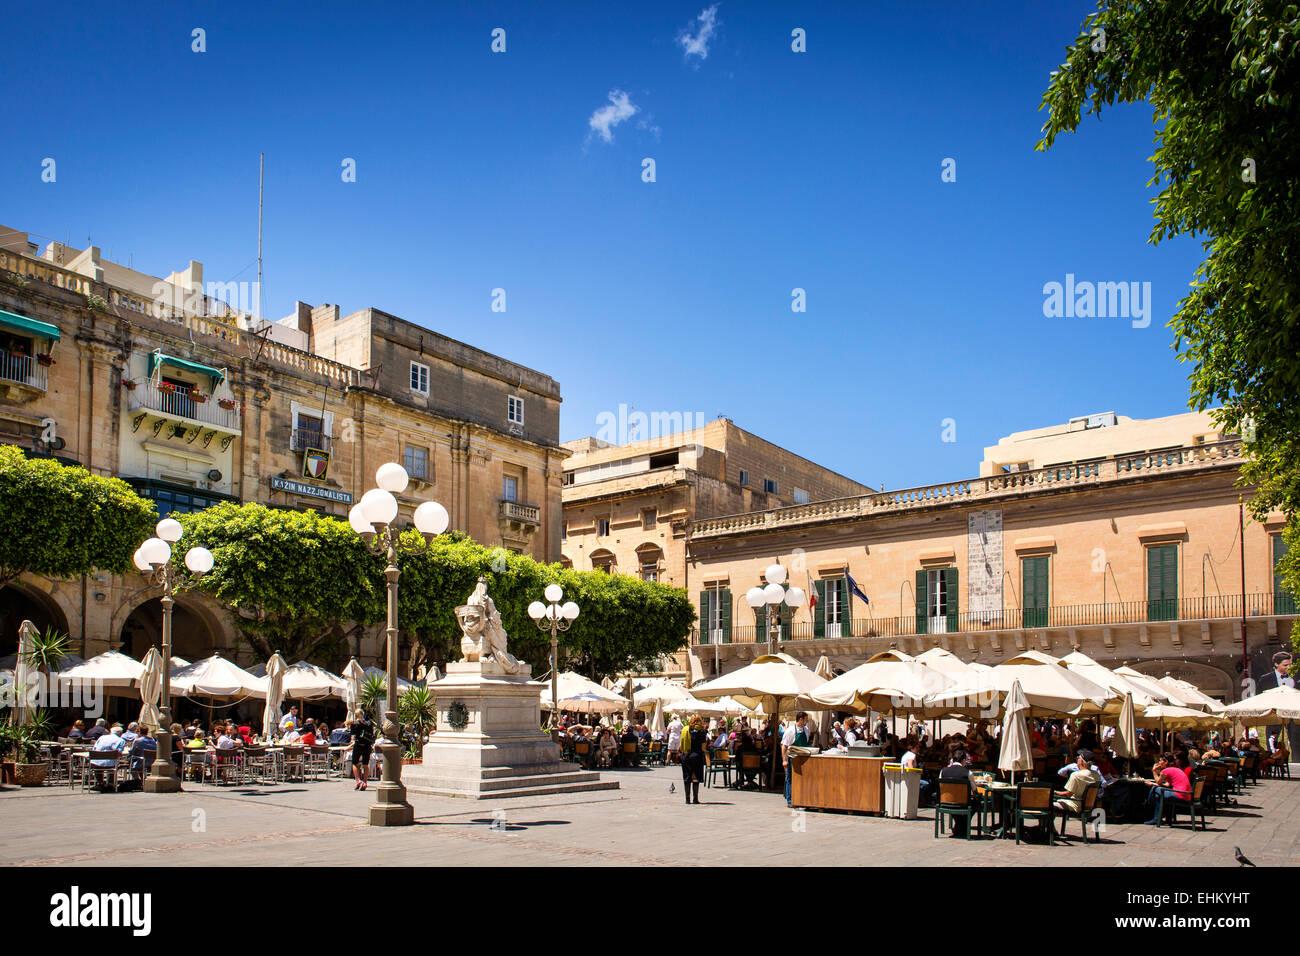 Malta, Valletta square - Stock Image